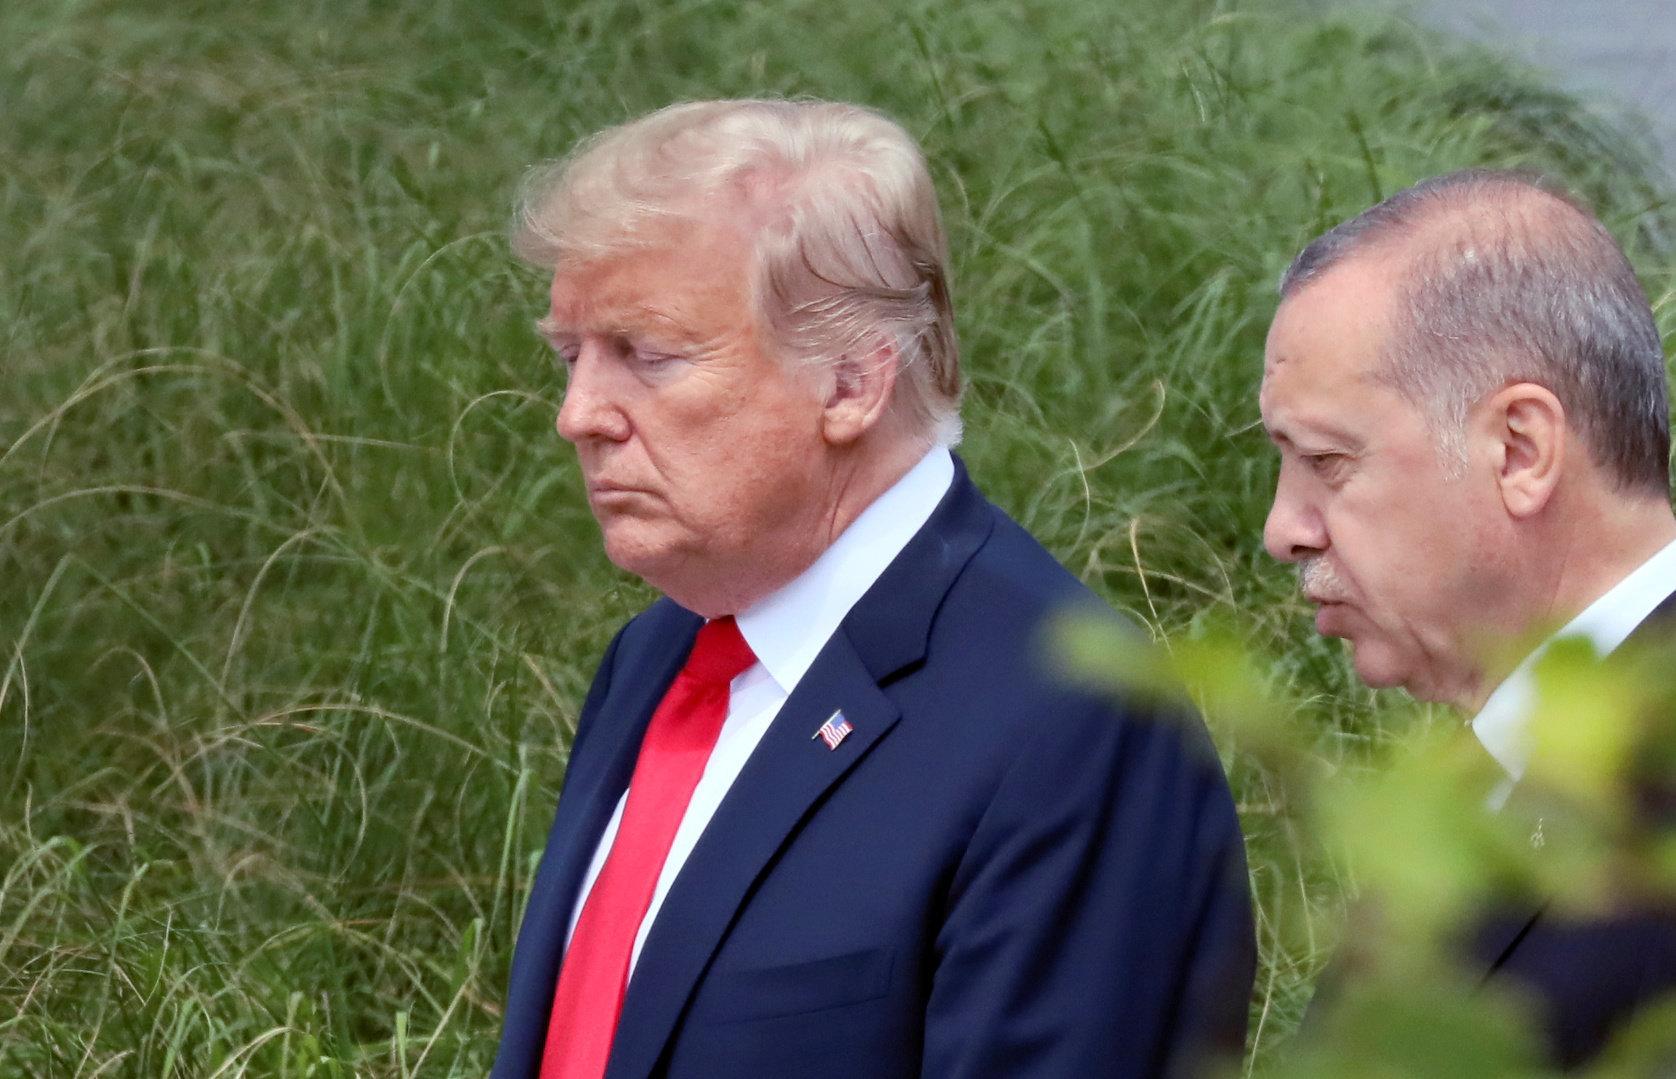 Τα έξι σημεία διαφωνίας μεταξύ ΗΠΑ και Τουρκίας